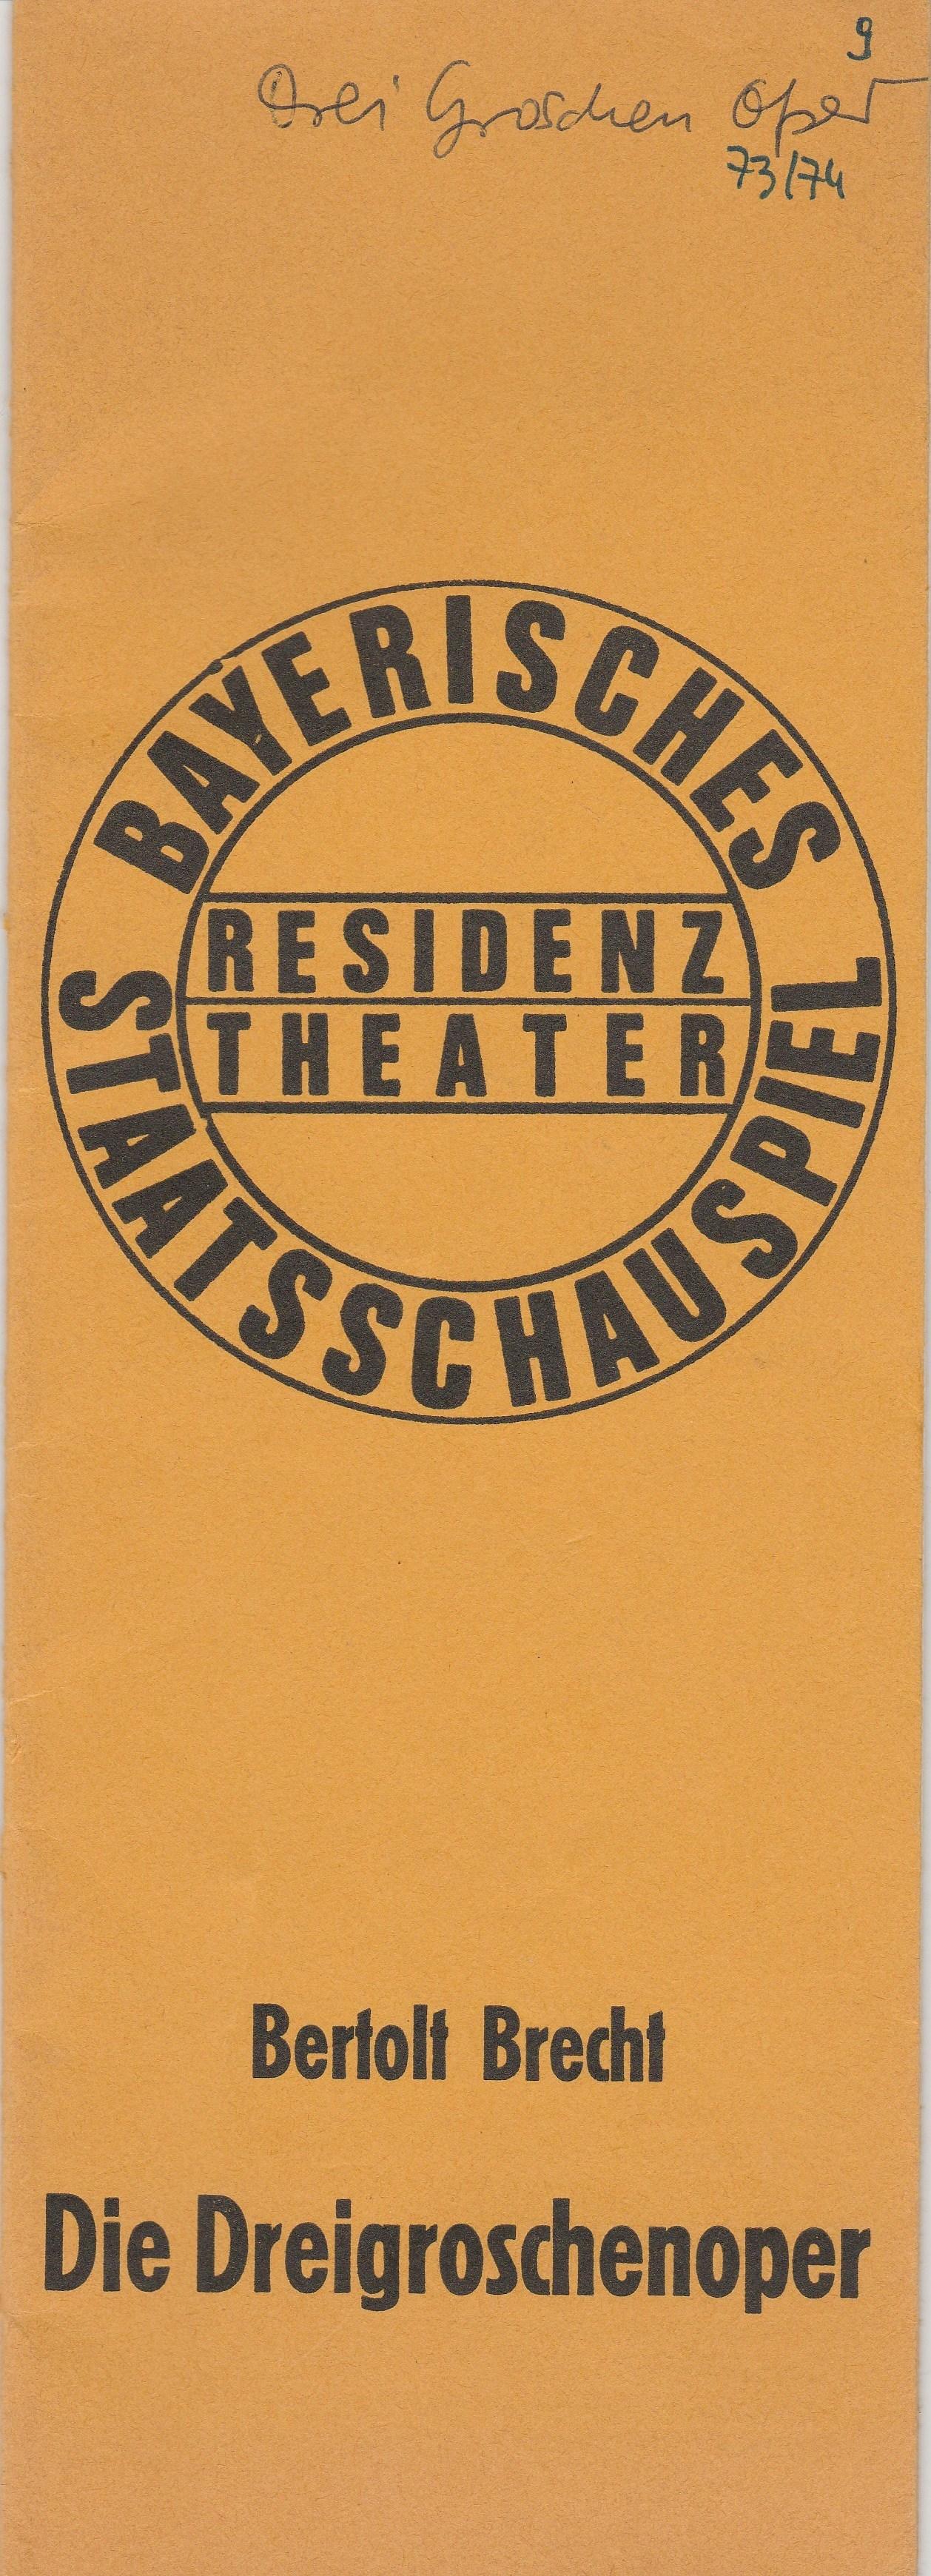 Programmheft Brecht / Weill DIE DREIGROSCHENOPER Residenztheater 1974